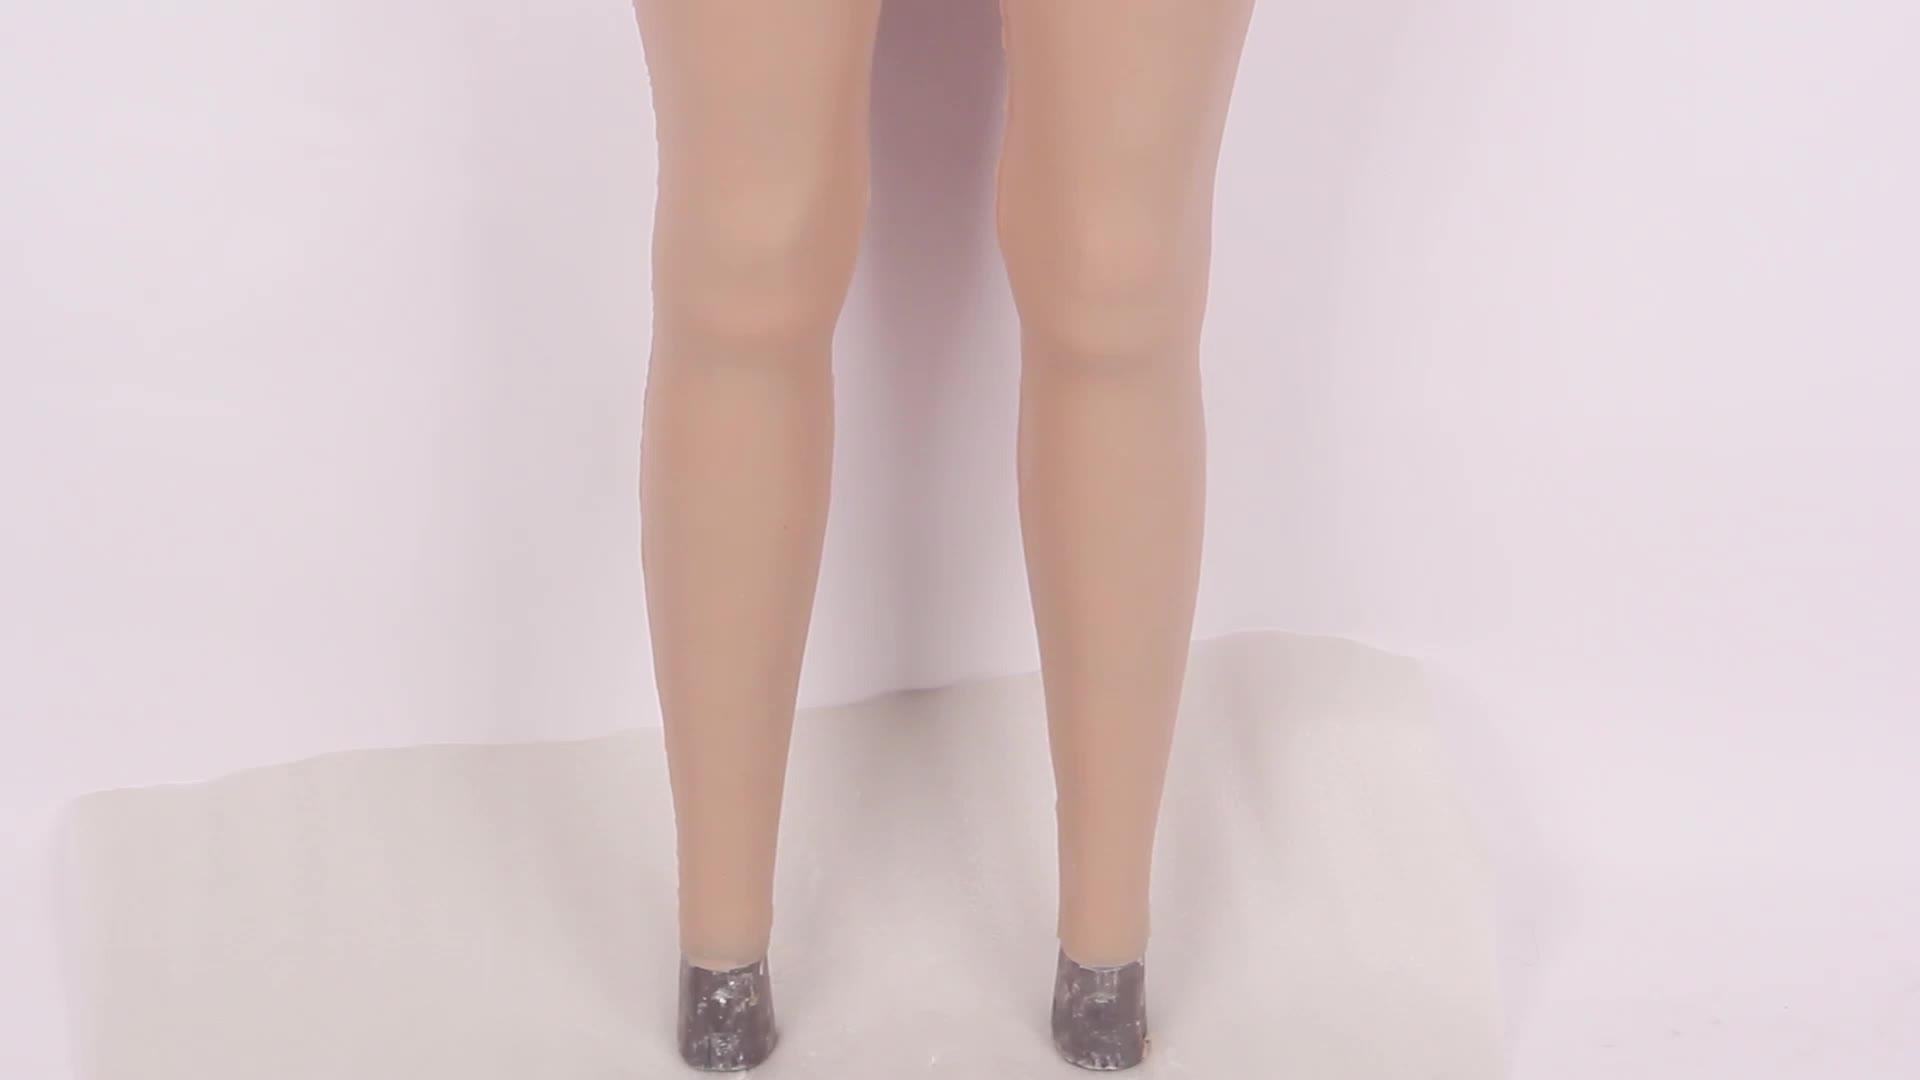 सिलिकॉन महिला Cyberskin पूर्ण शरीर सूट एक टुकड़ा तंग Zentai ट्रांसजेंडर बिल्ली स्तन फार्म Crossdresser